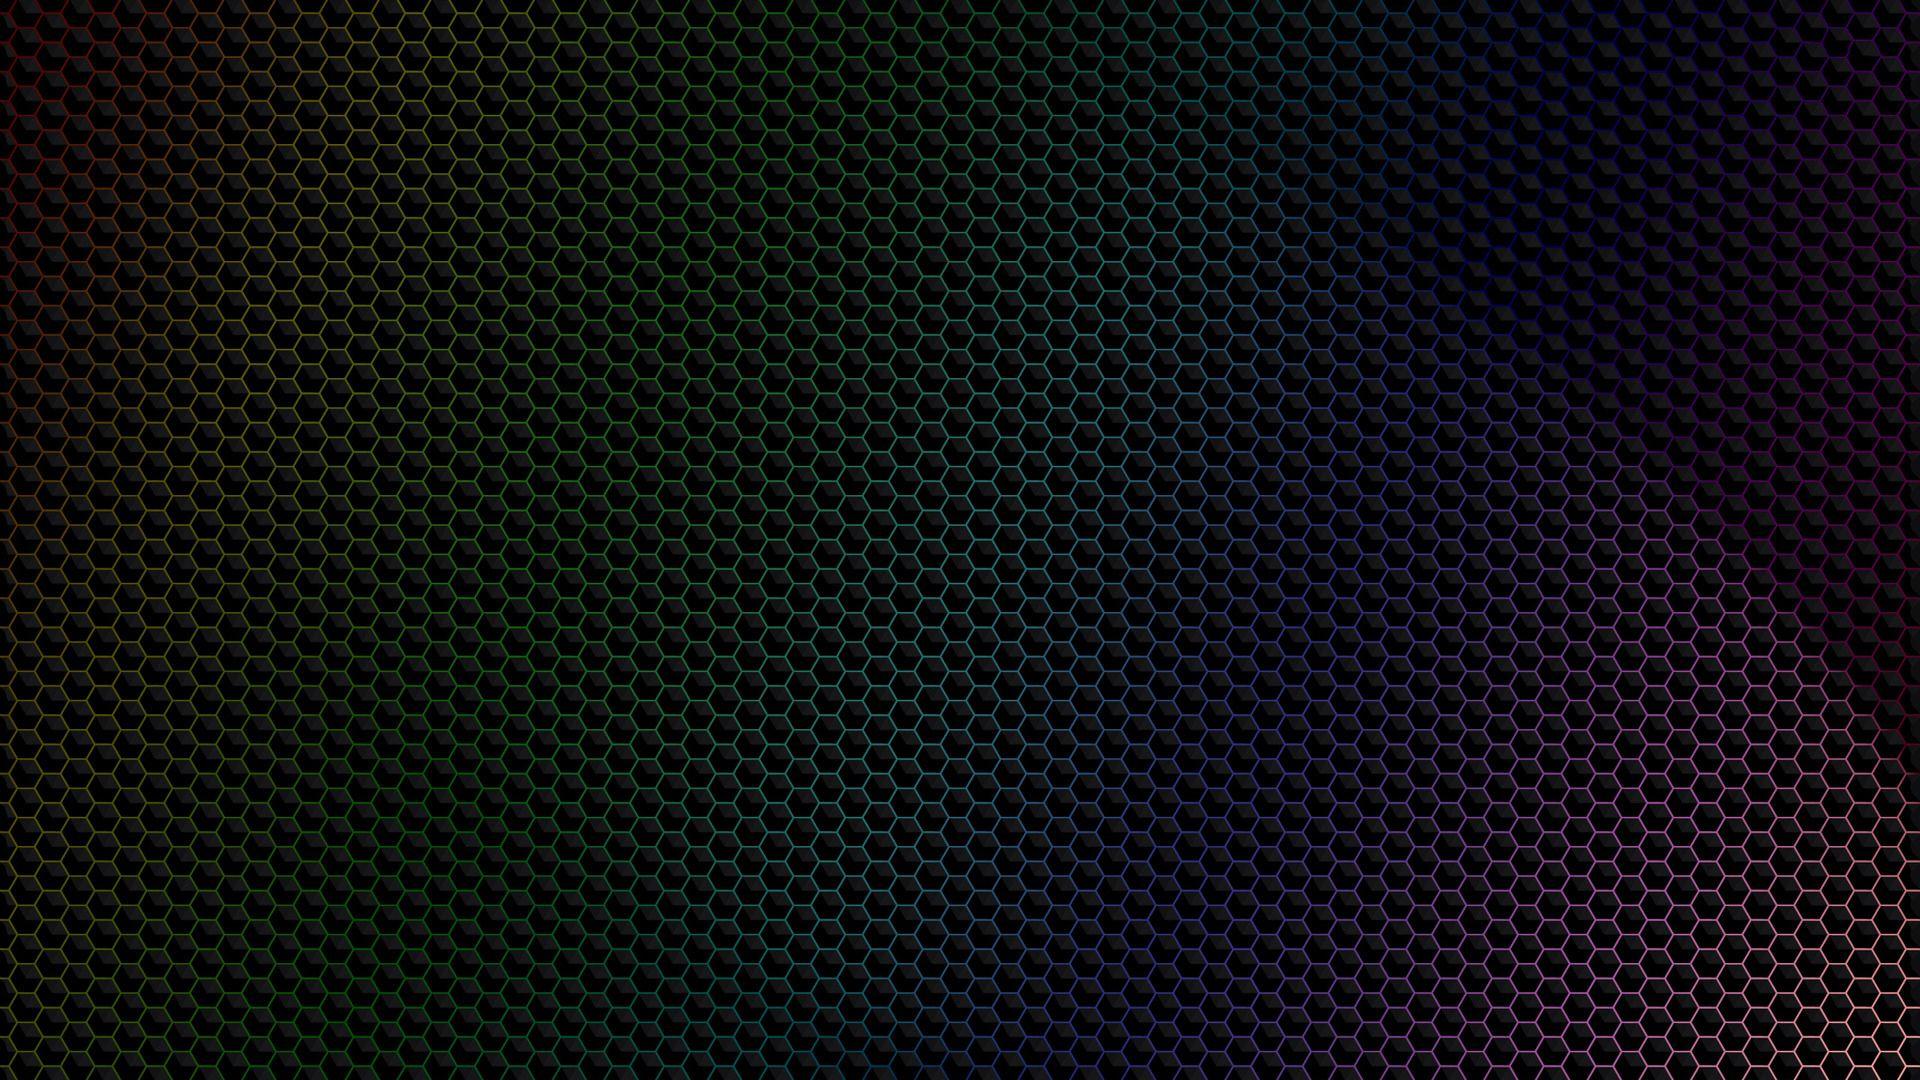 [73+] Carbon Fiber Wallpaper On WallpaperSafari